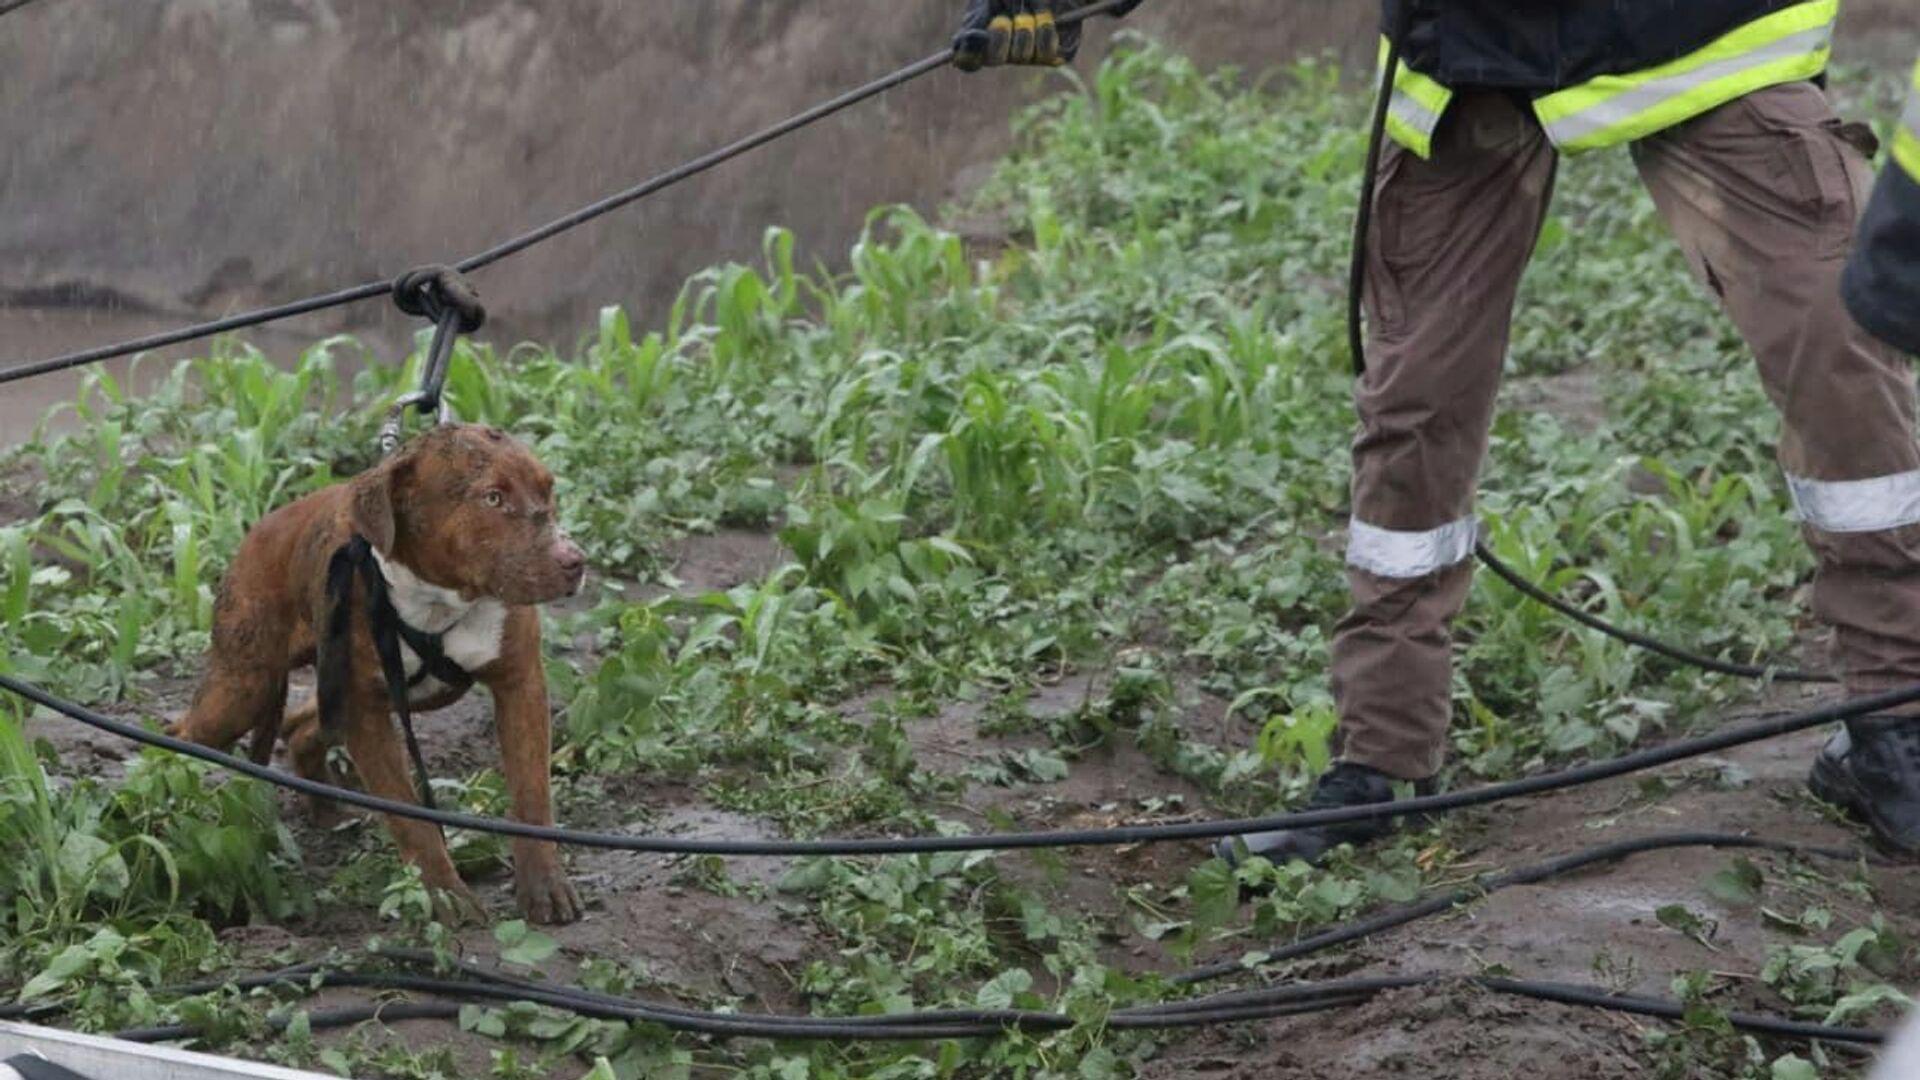 Un perro rescatado en un socavón en Puebla, México - Sputnik Mundo, 1920, 11.06.2021